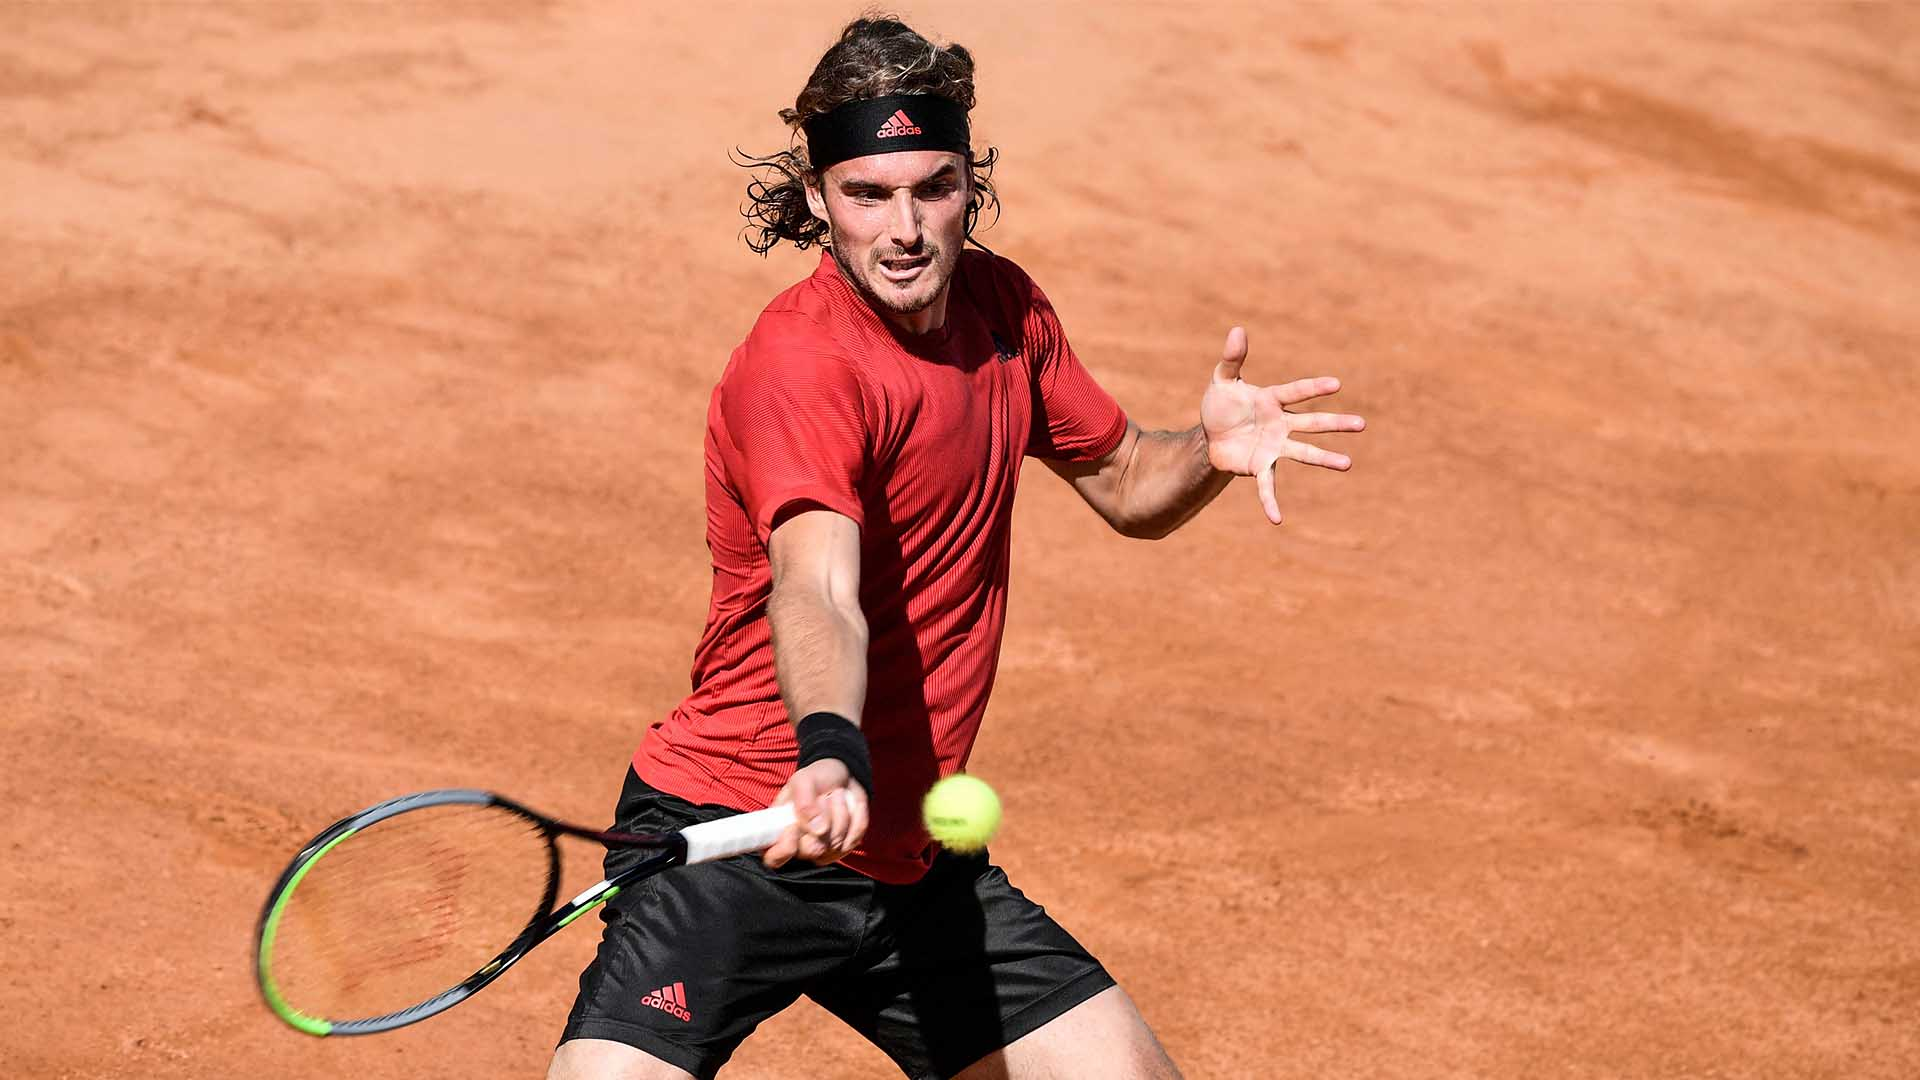 Rome Open 2021: Stefanos Tsitsipas vs. Matteo Berrettini Tennis Pick and Prediction